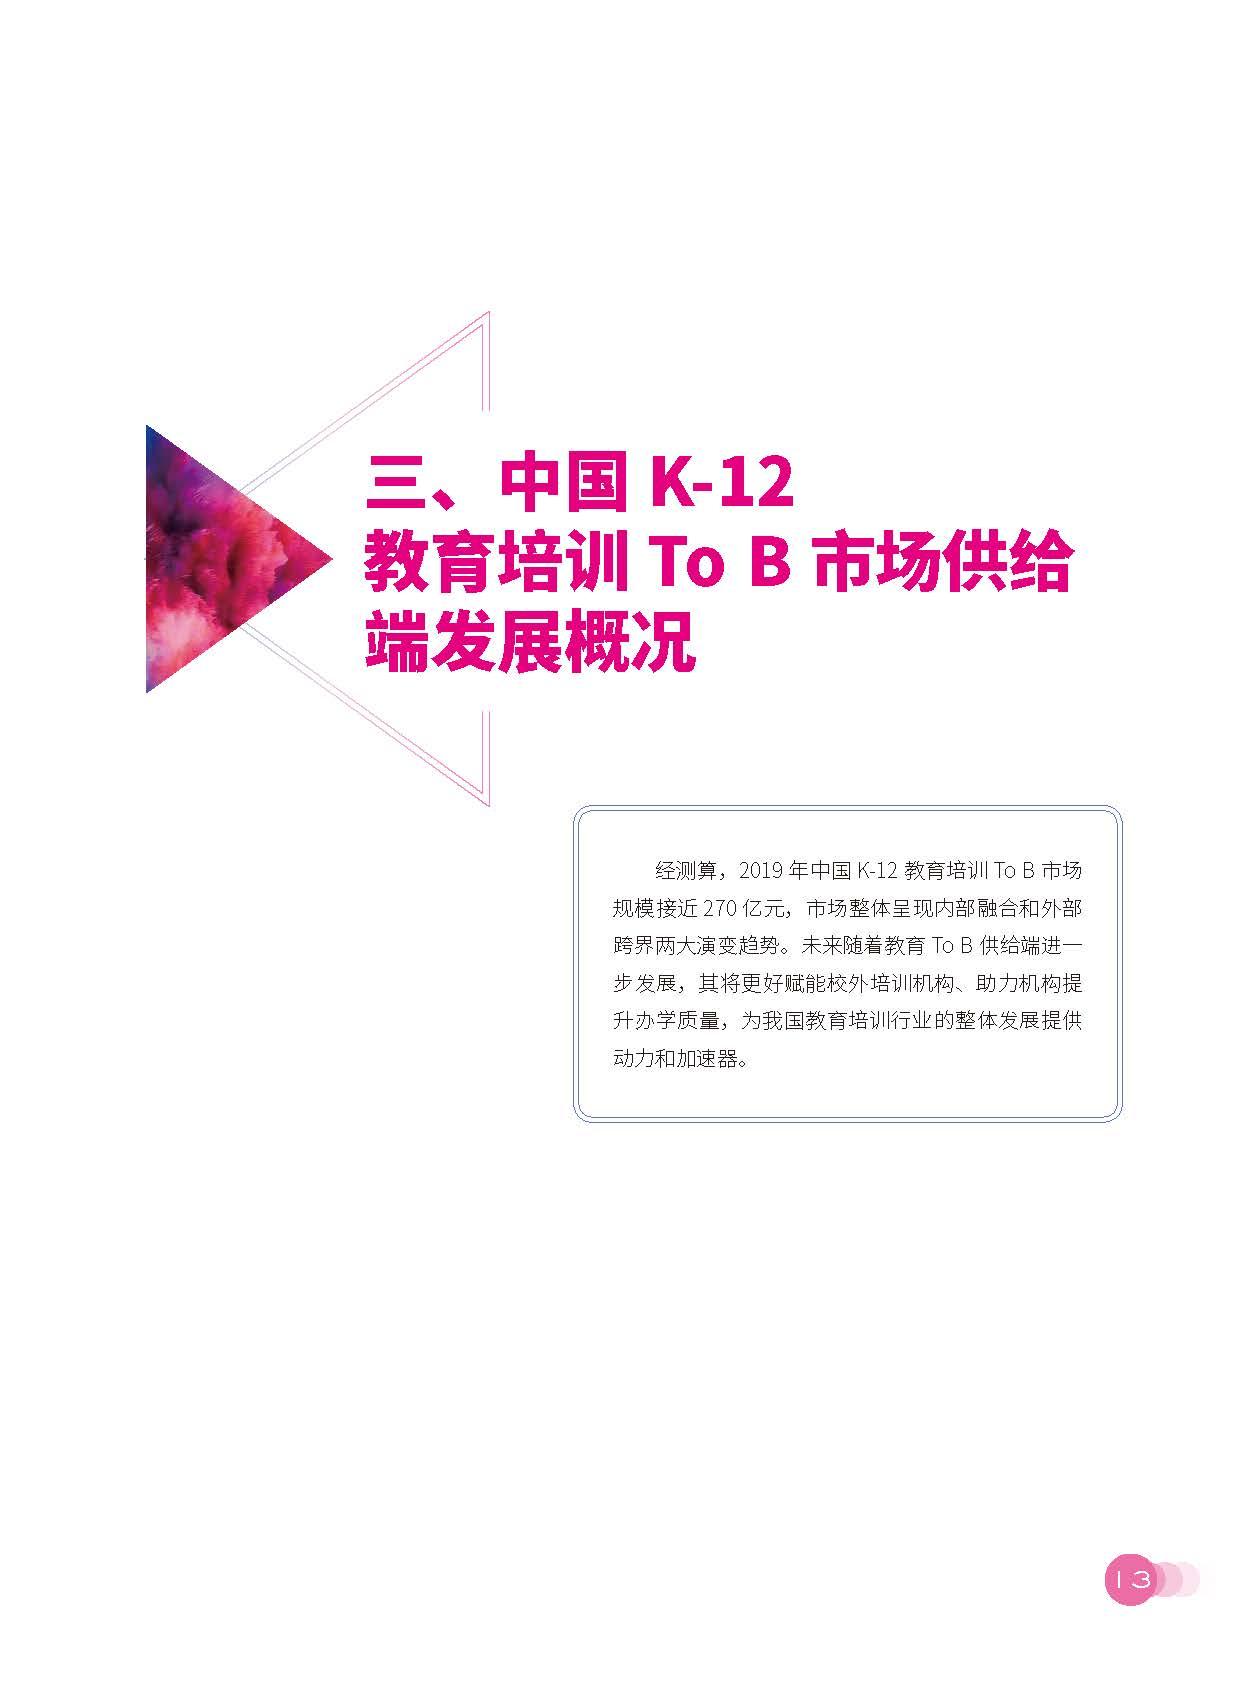 中国教育科学研究院:2020中国K~12教育培训To B市场发展报告(56页)_页面_16.jpg